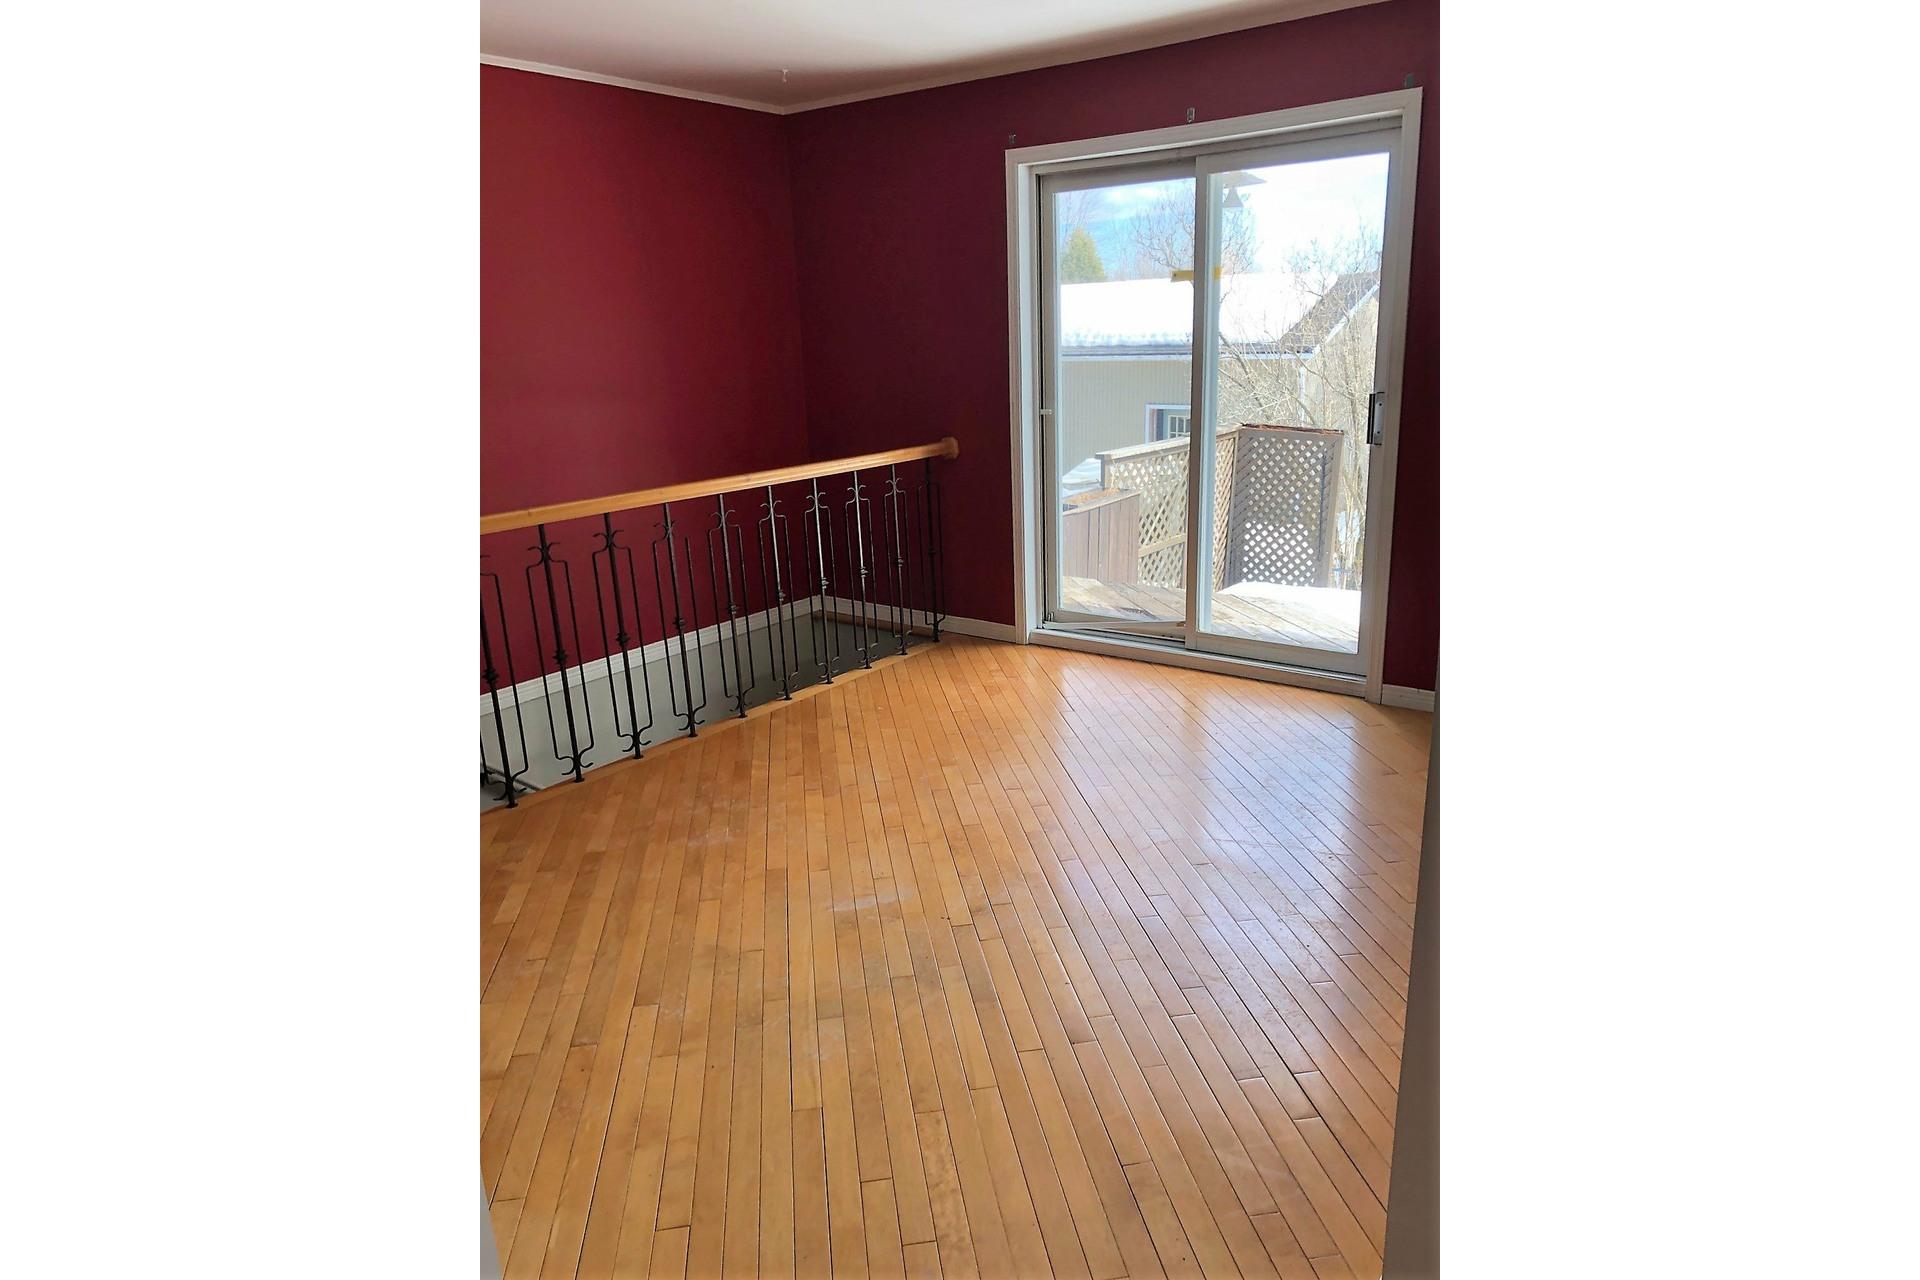 image 6 - Duplex For sale Trois-Rivières - 8 rooms